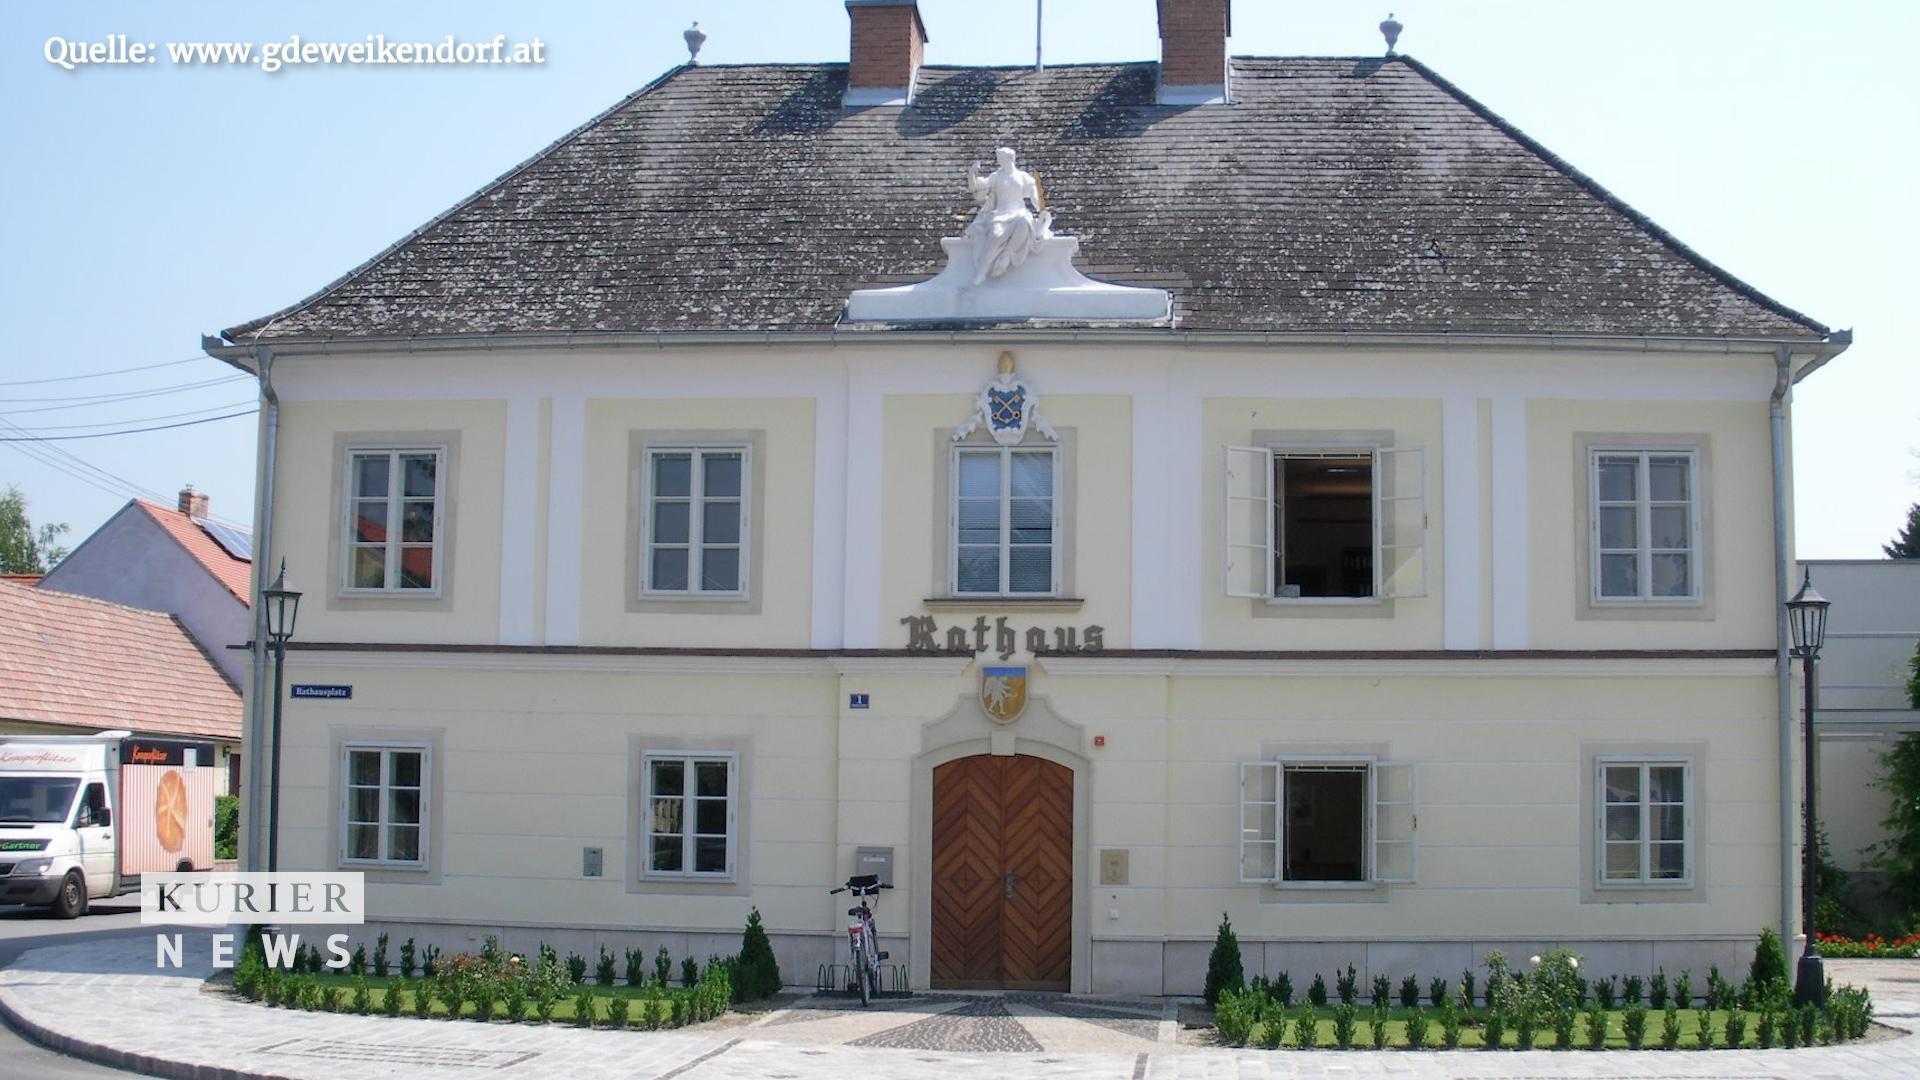 Weikendorf zieht vor Gericht: Muslime mssen auf Haus